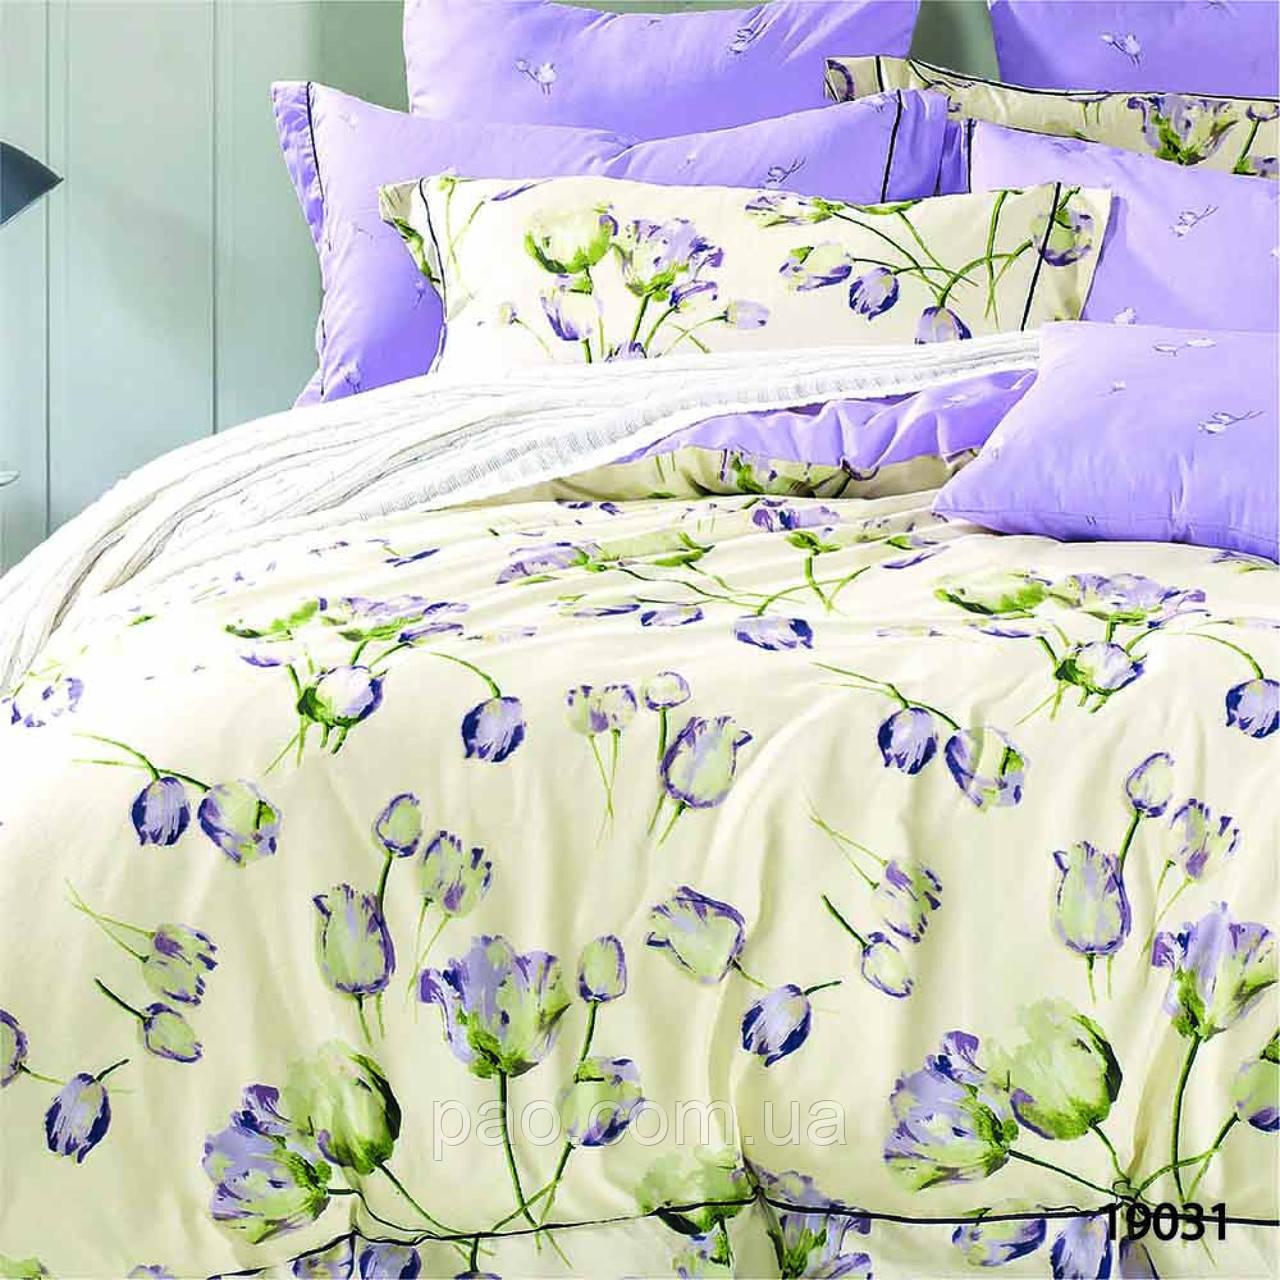 Постельное белье Сказочные тюльпаны, ранфорс, евро размер